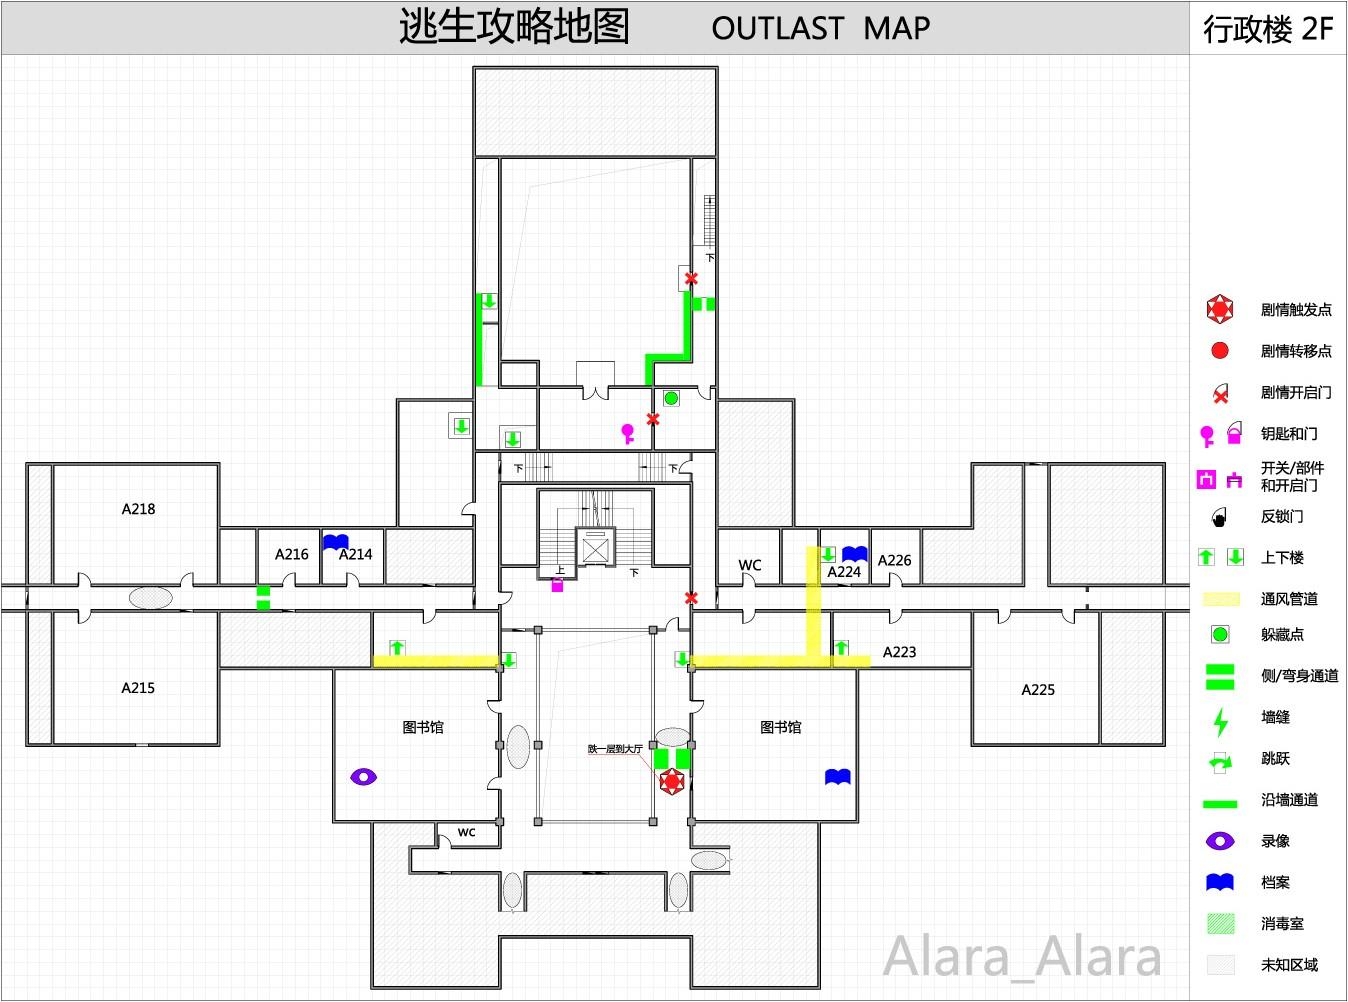 【逃生Outlast】地图攻略攻略v地图ol火影忍者图片